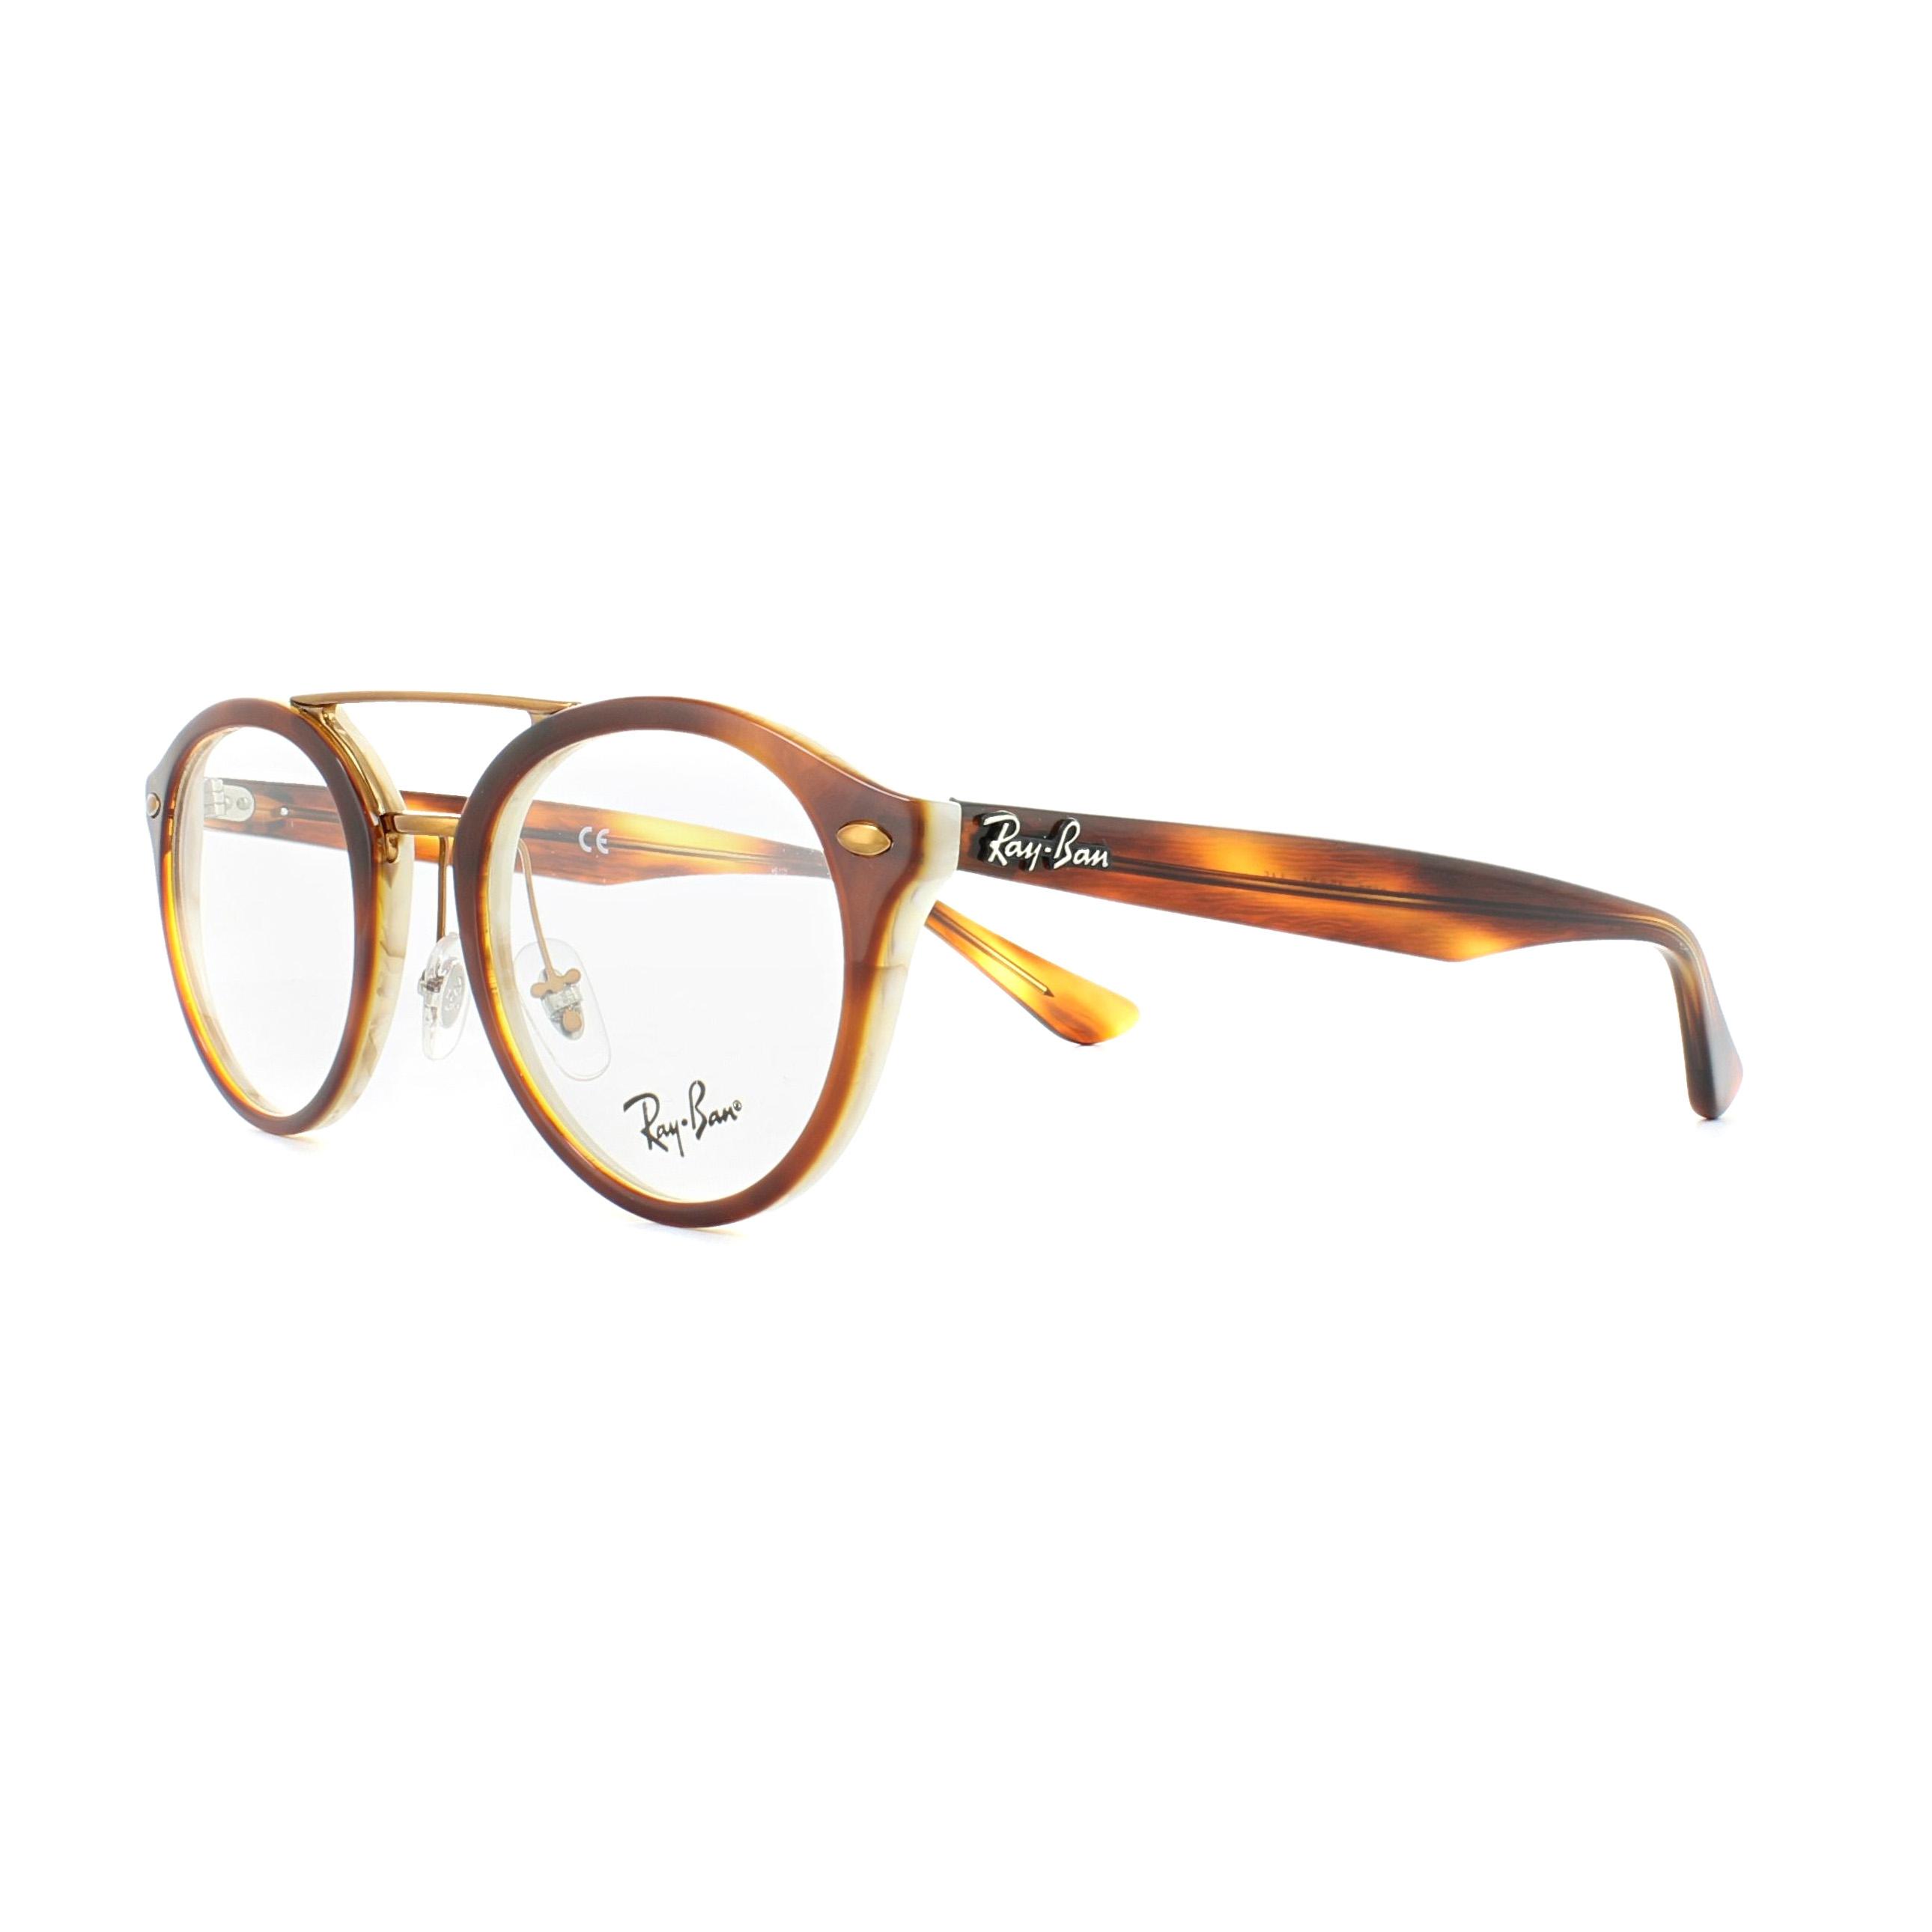 661abe519f0 Ray-Ban Glasses Frames 5354 5677 Havana Brown Horn Beige 48mm Mens ...